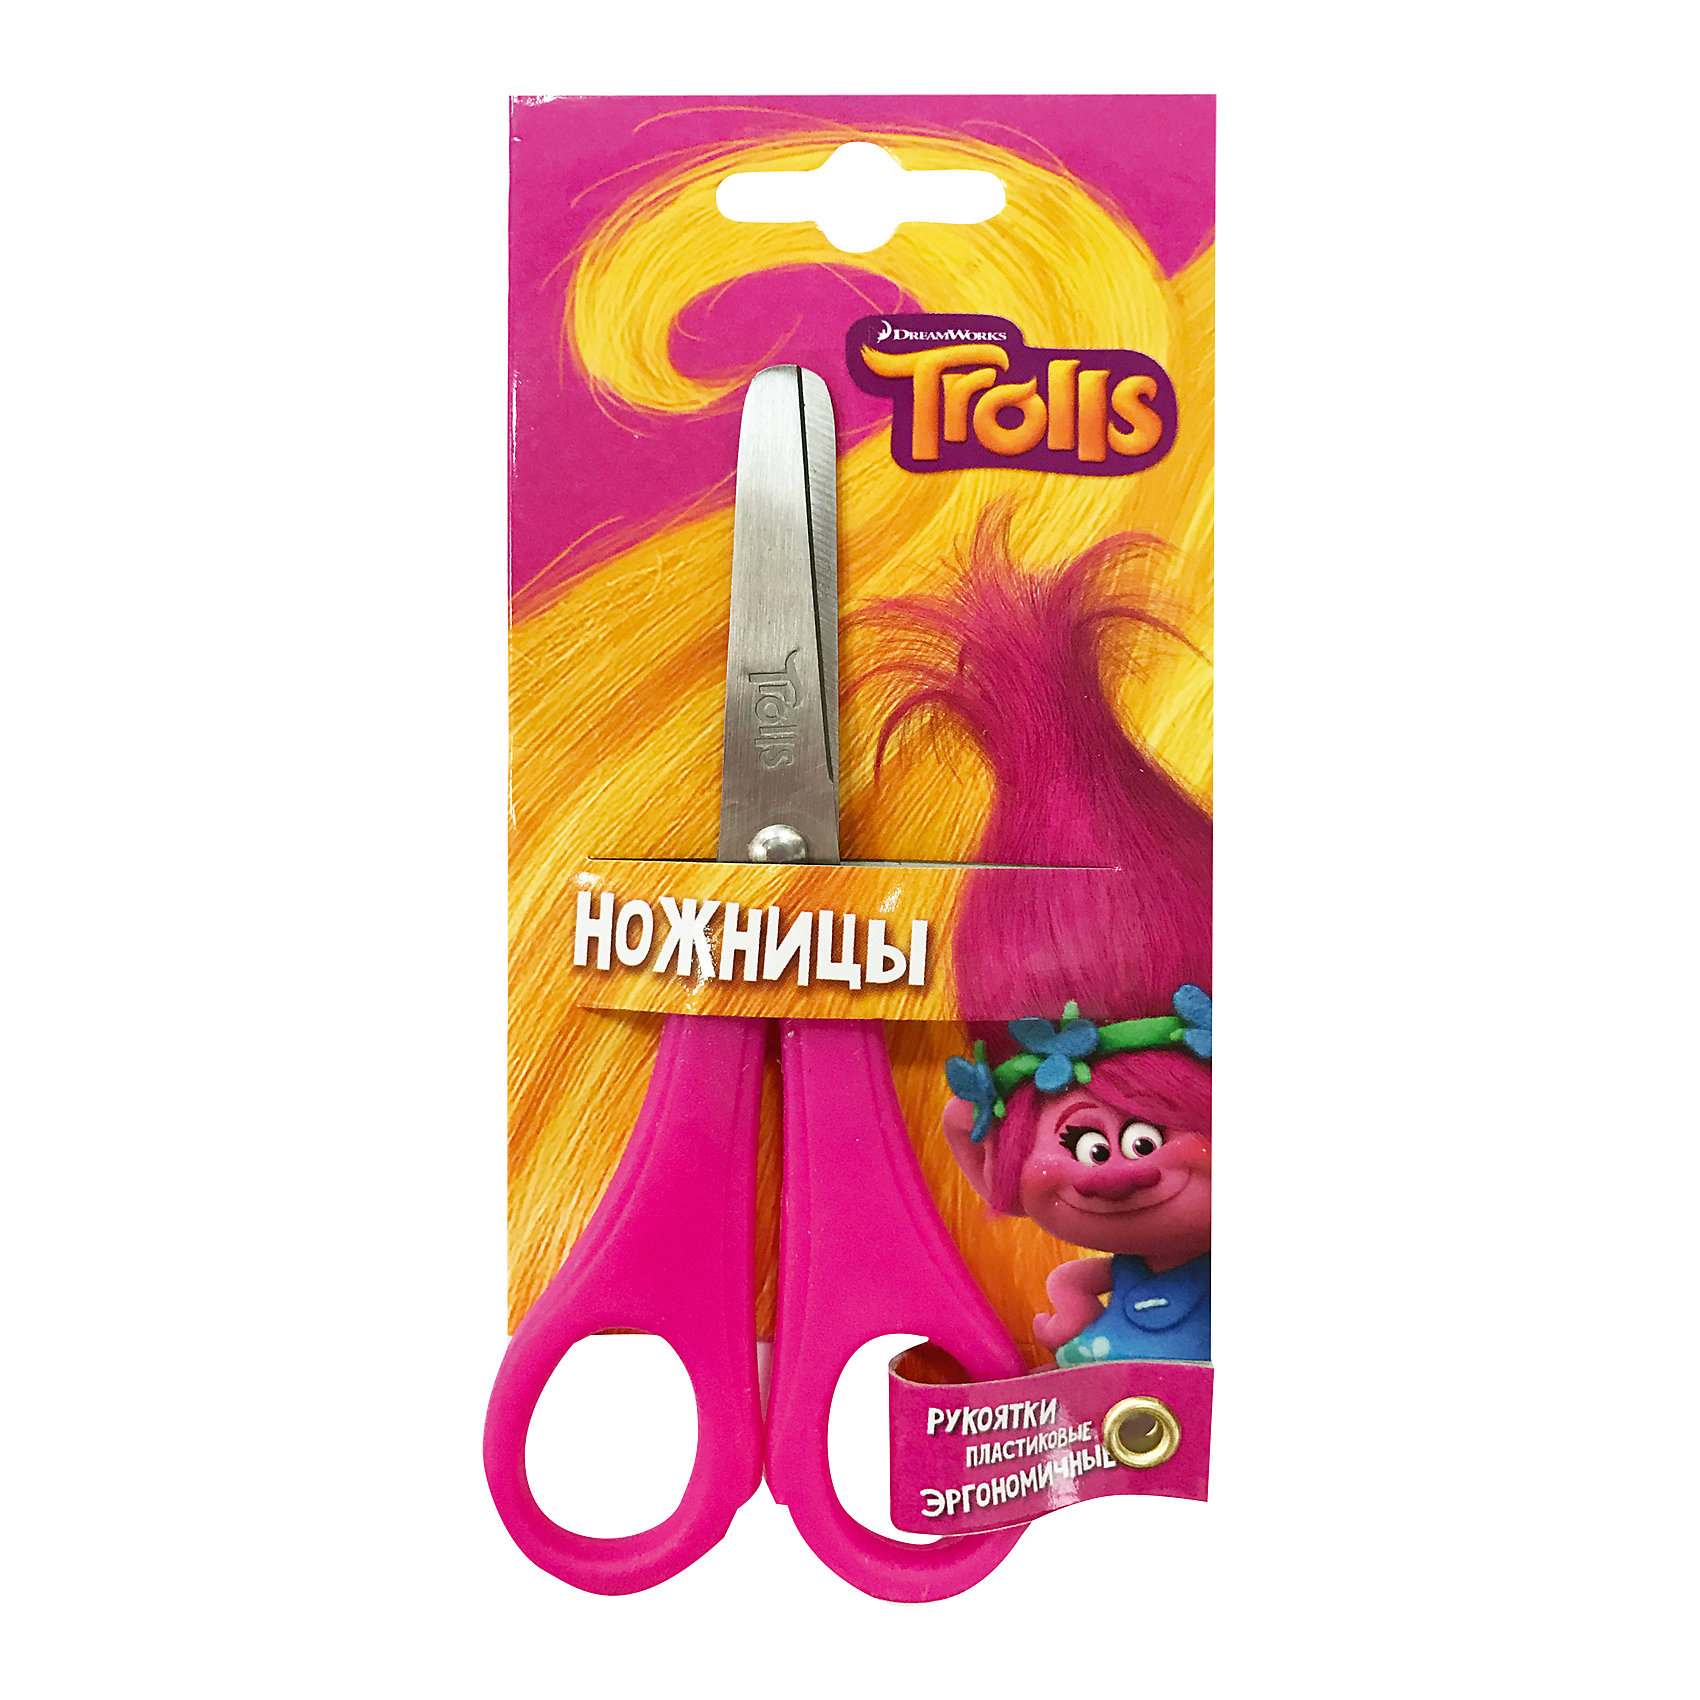 Детские ножницы 13 см, с блистером TrollsДетские ножницы 13 см, с блистером. Блистер открытый. Можно проверить работу ножниц не доставая из упаковки. Пластиковые ручки, безопасно скругленные лезвия, с дизайном Trolls<br><br>Ширина мм: 16<br>Глубина мм: 1<br>Высота мм: 70<br>Вес г: 27<br>Возраст от месяцев: 36<br>Возраст до месяцев: 144<br>Пол: Унисекс<br>Возраст: Детский<br>SKU: 5525065